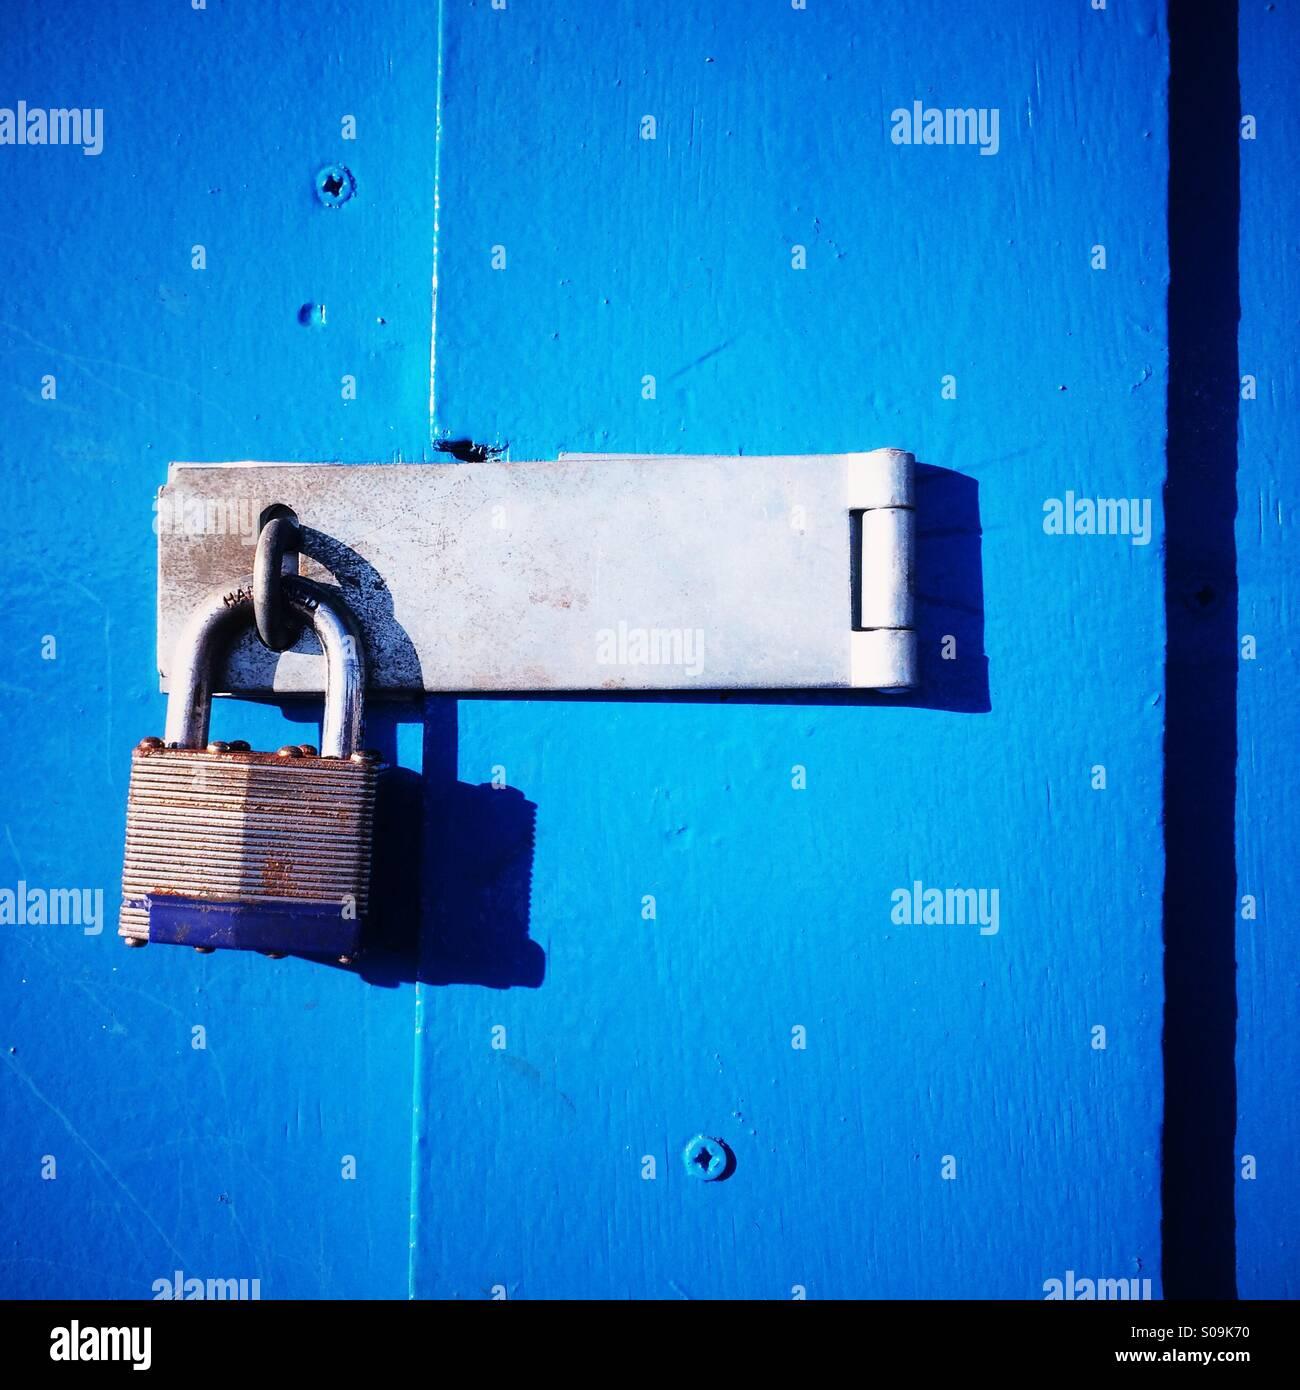 Un candado cerrado en una puerta de madera azul. Foto de stock